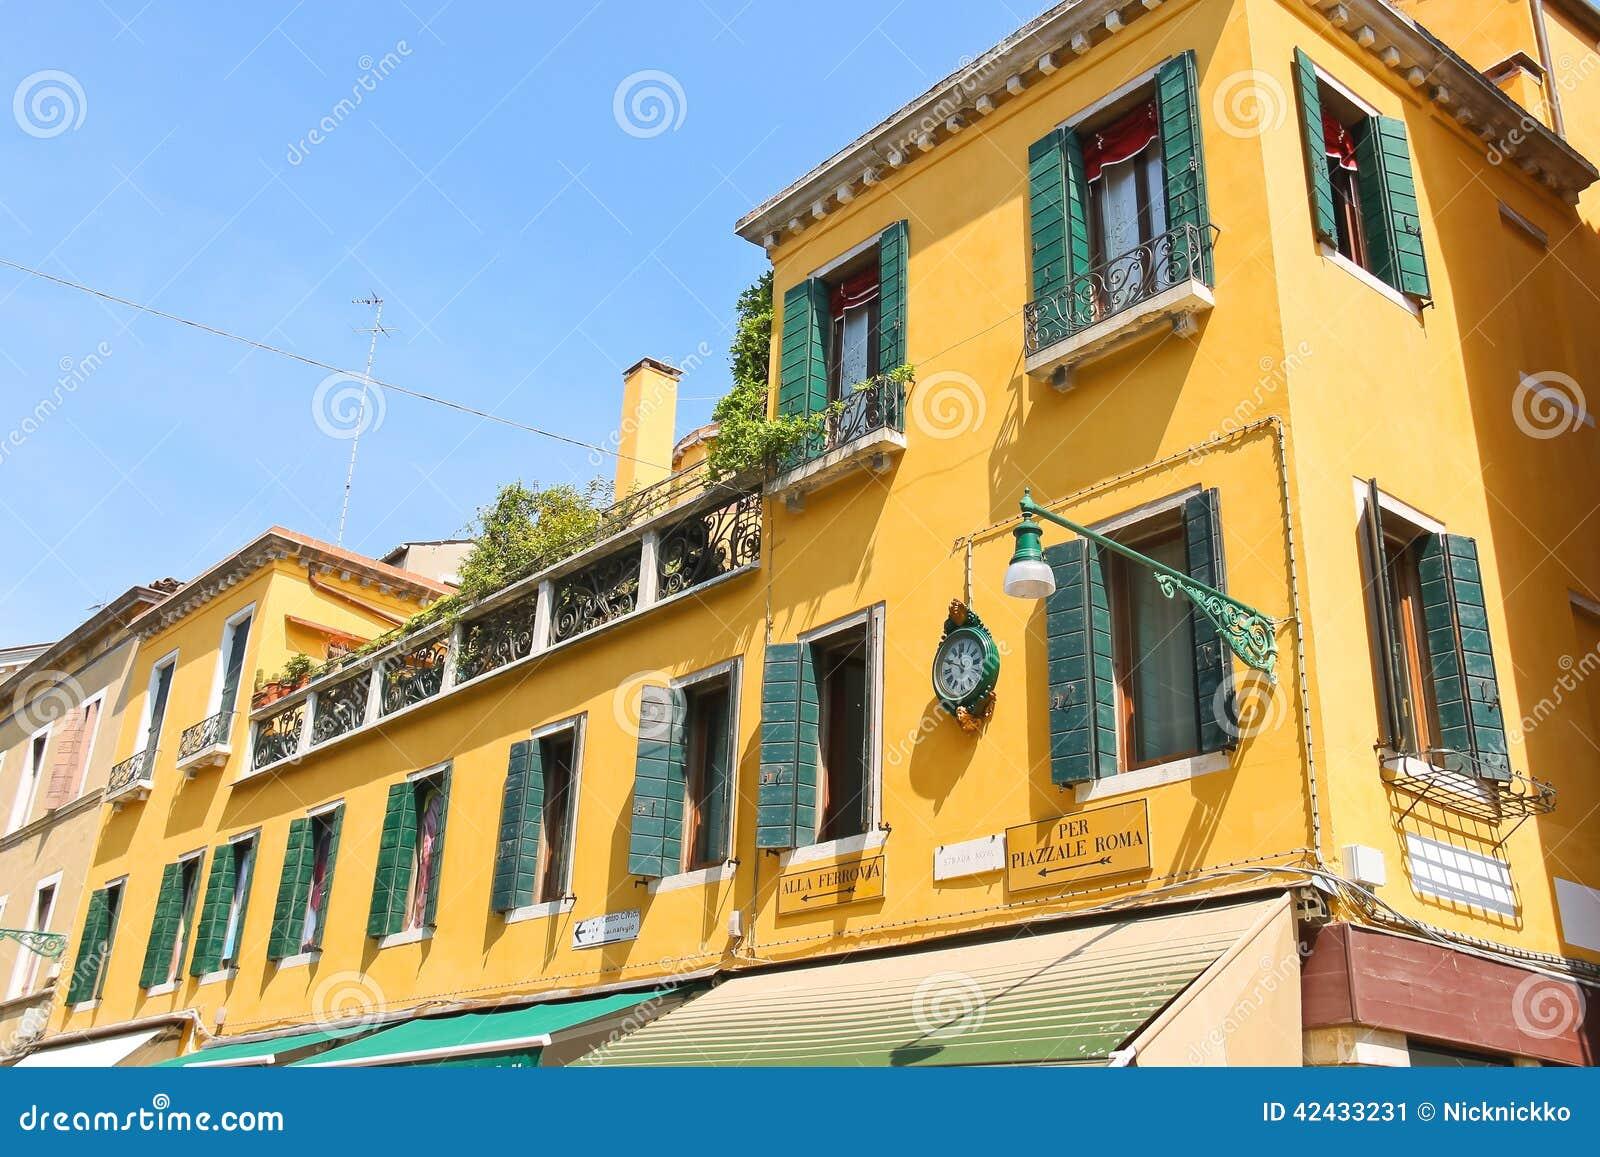 Casa pintoresca en Venecia, Italia